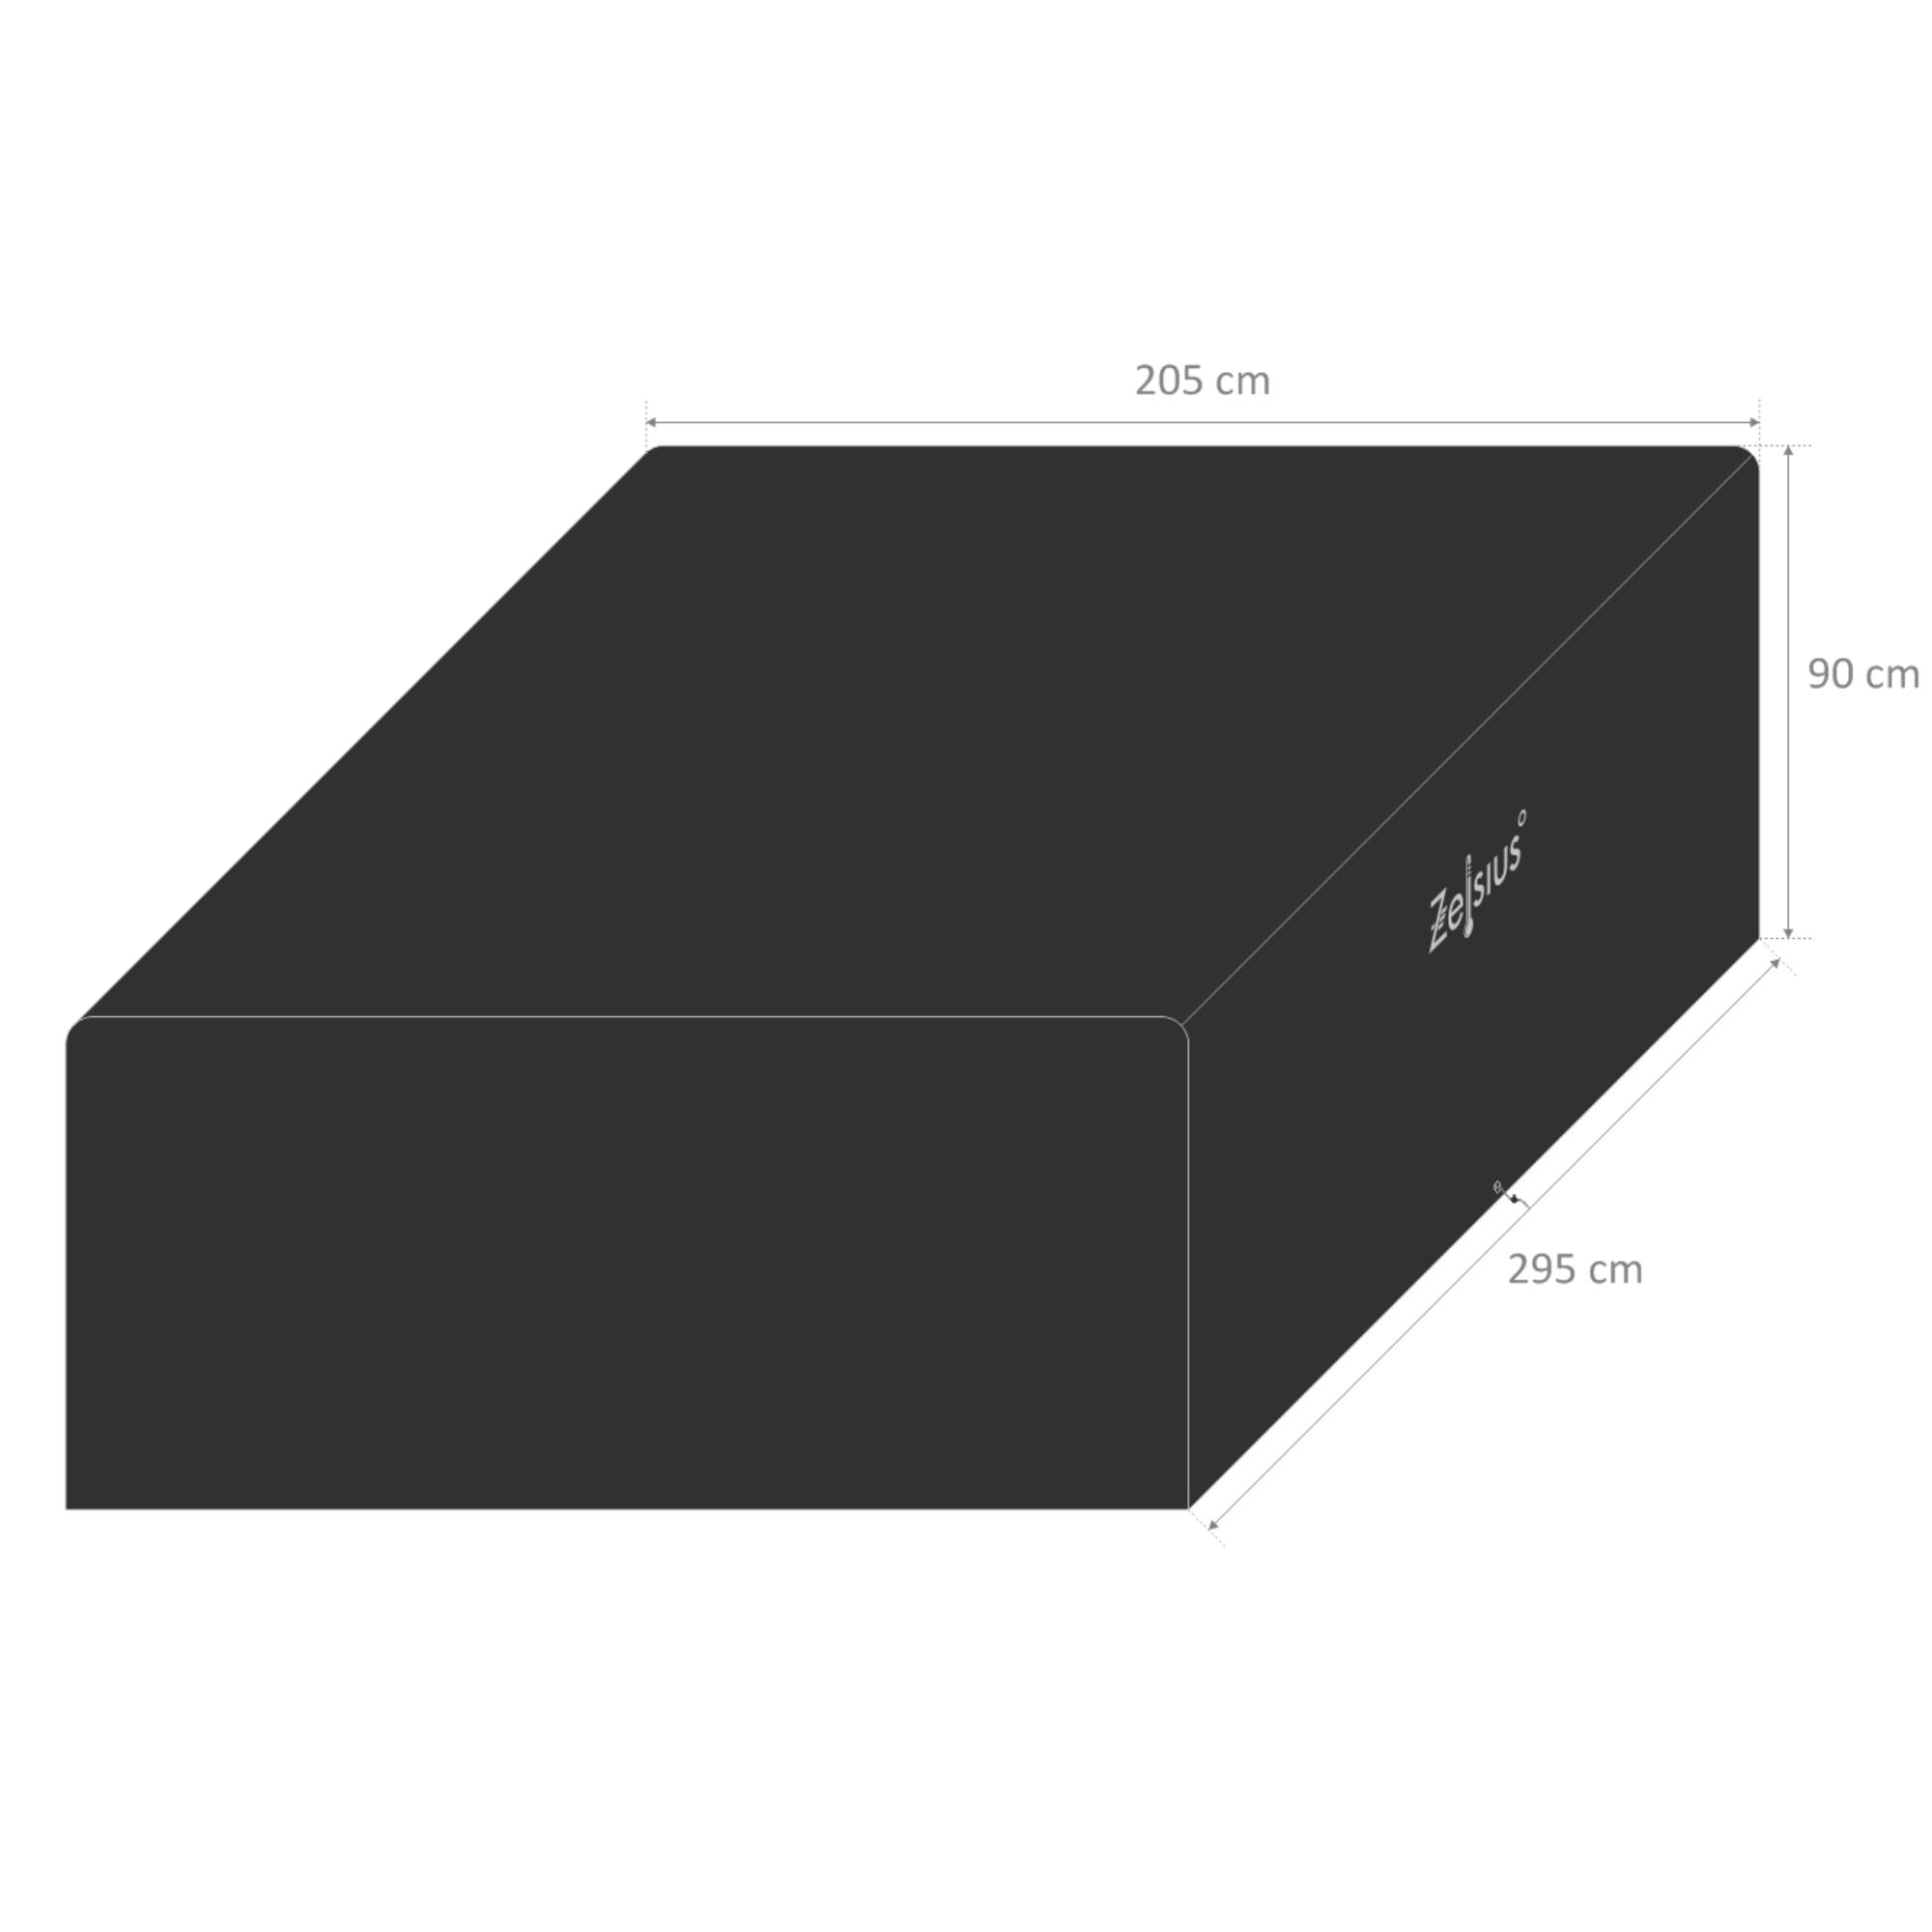 zelsius gartenm bel abdeckhaube l 295 x b 205 x h 90 cm cs clever shoppen. Black Bedroom Furniture Sets. Home Design Ideas